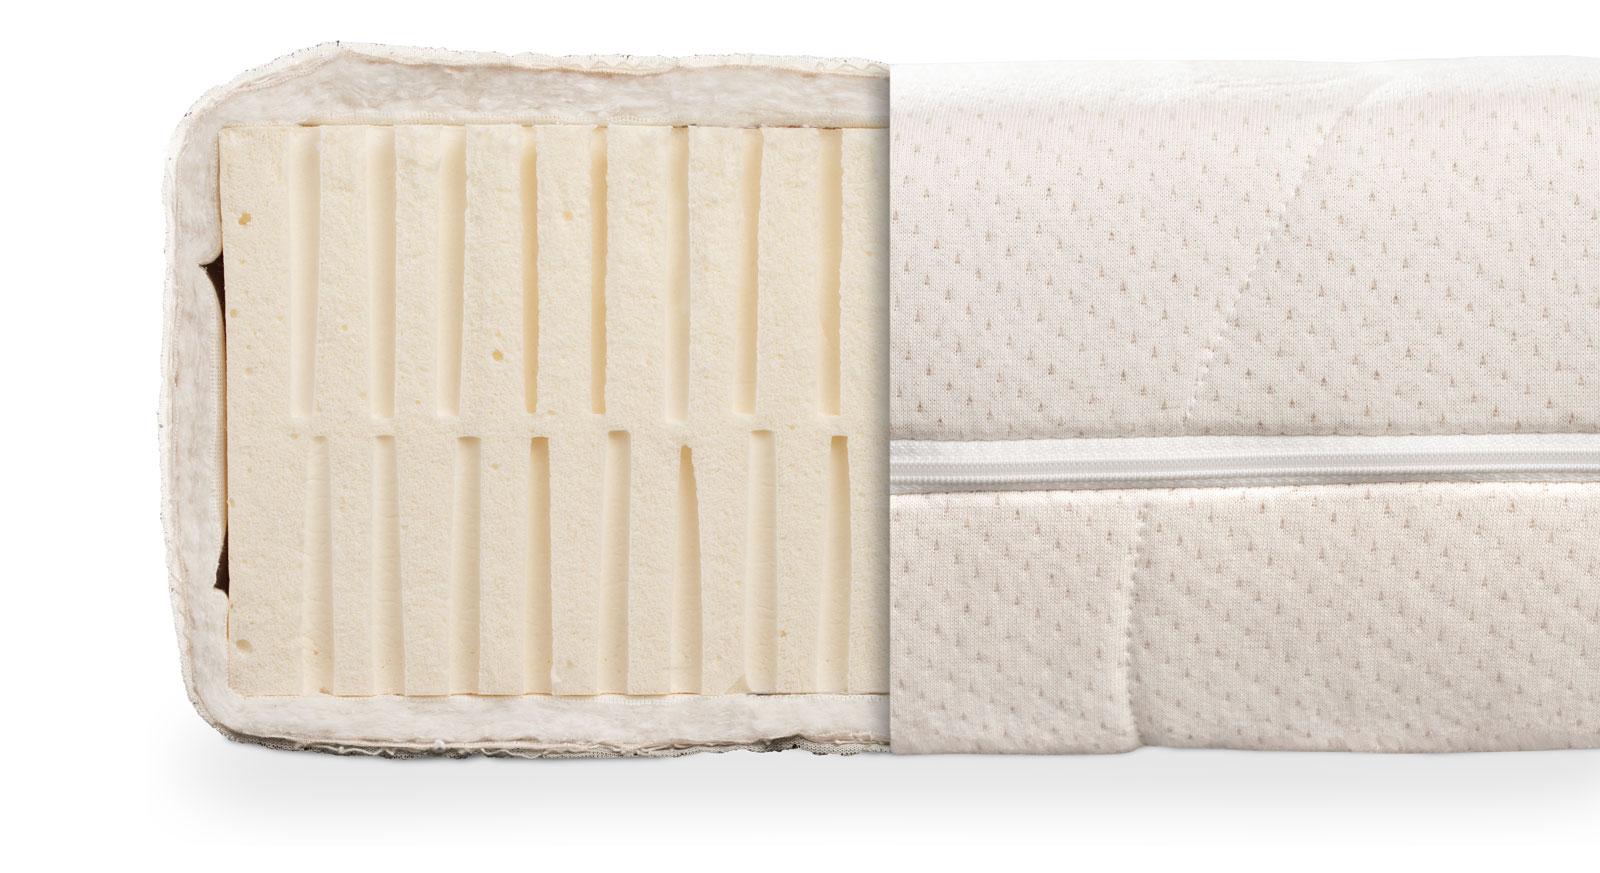 Naturlatex-Matratze orthowell bio bietet einen ergonomischen Liegekomfort